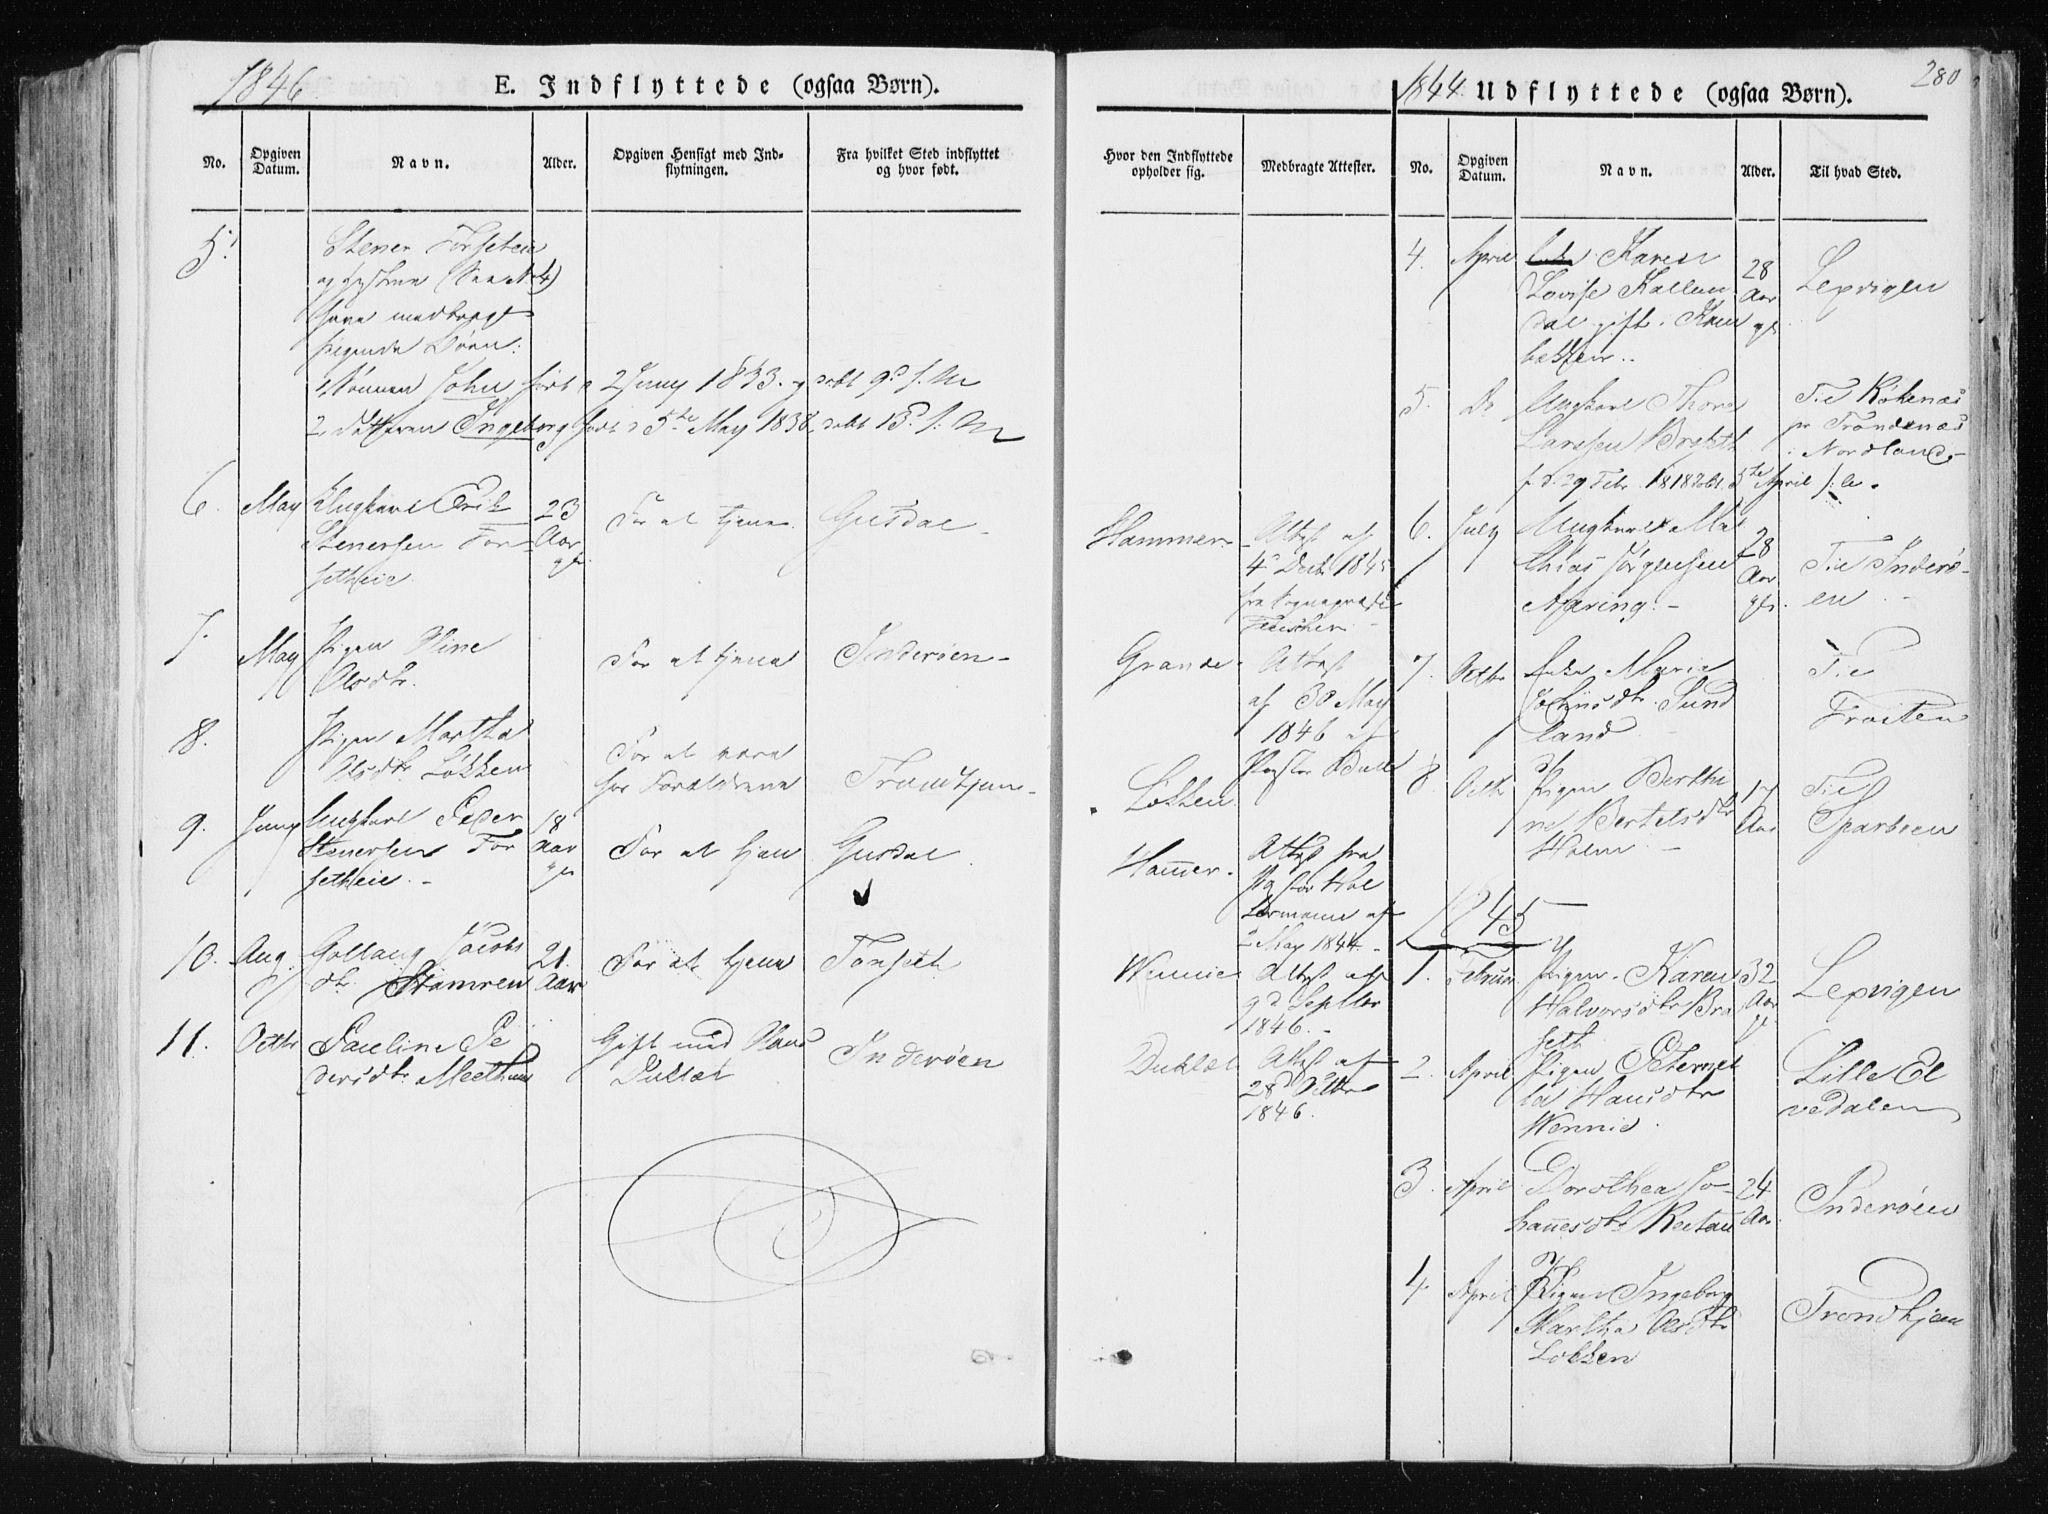 SAT, Ministerialprotokoller, klokkerbøker og fødselsregistre - Nord-Trøndelag, 733/L0323: Ministerialbok nr. 733A02, 1843-1870, s. 280